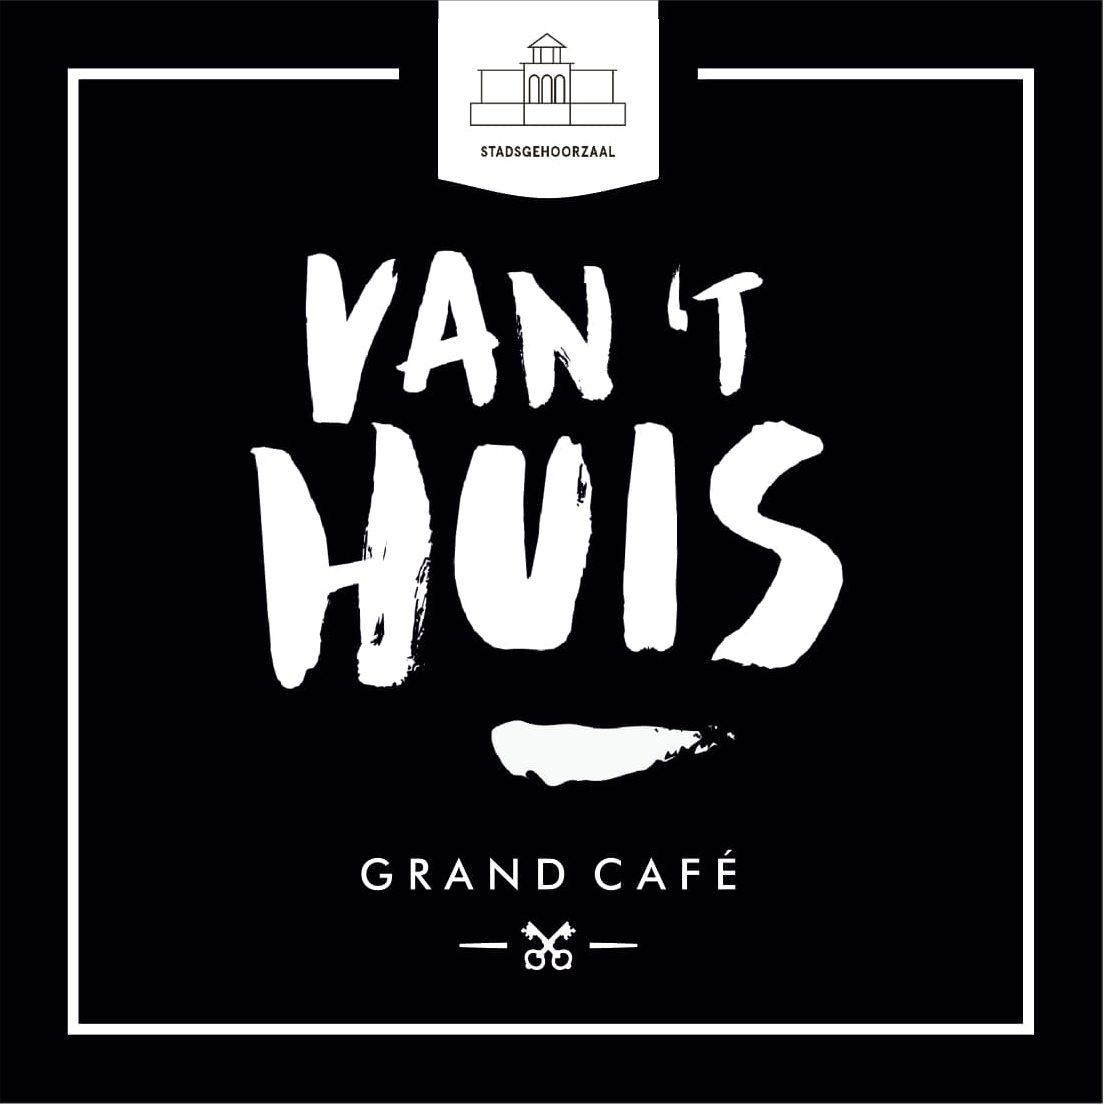 Grand Café Van 't Huis